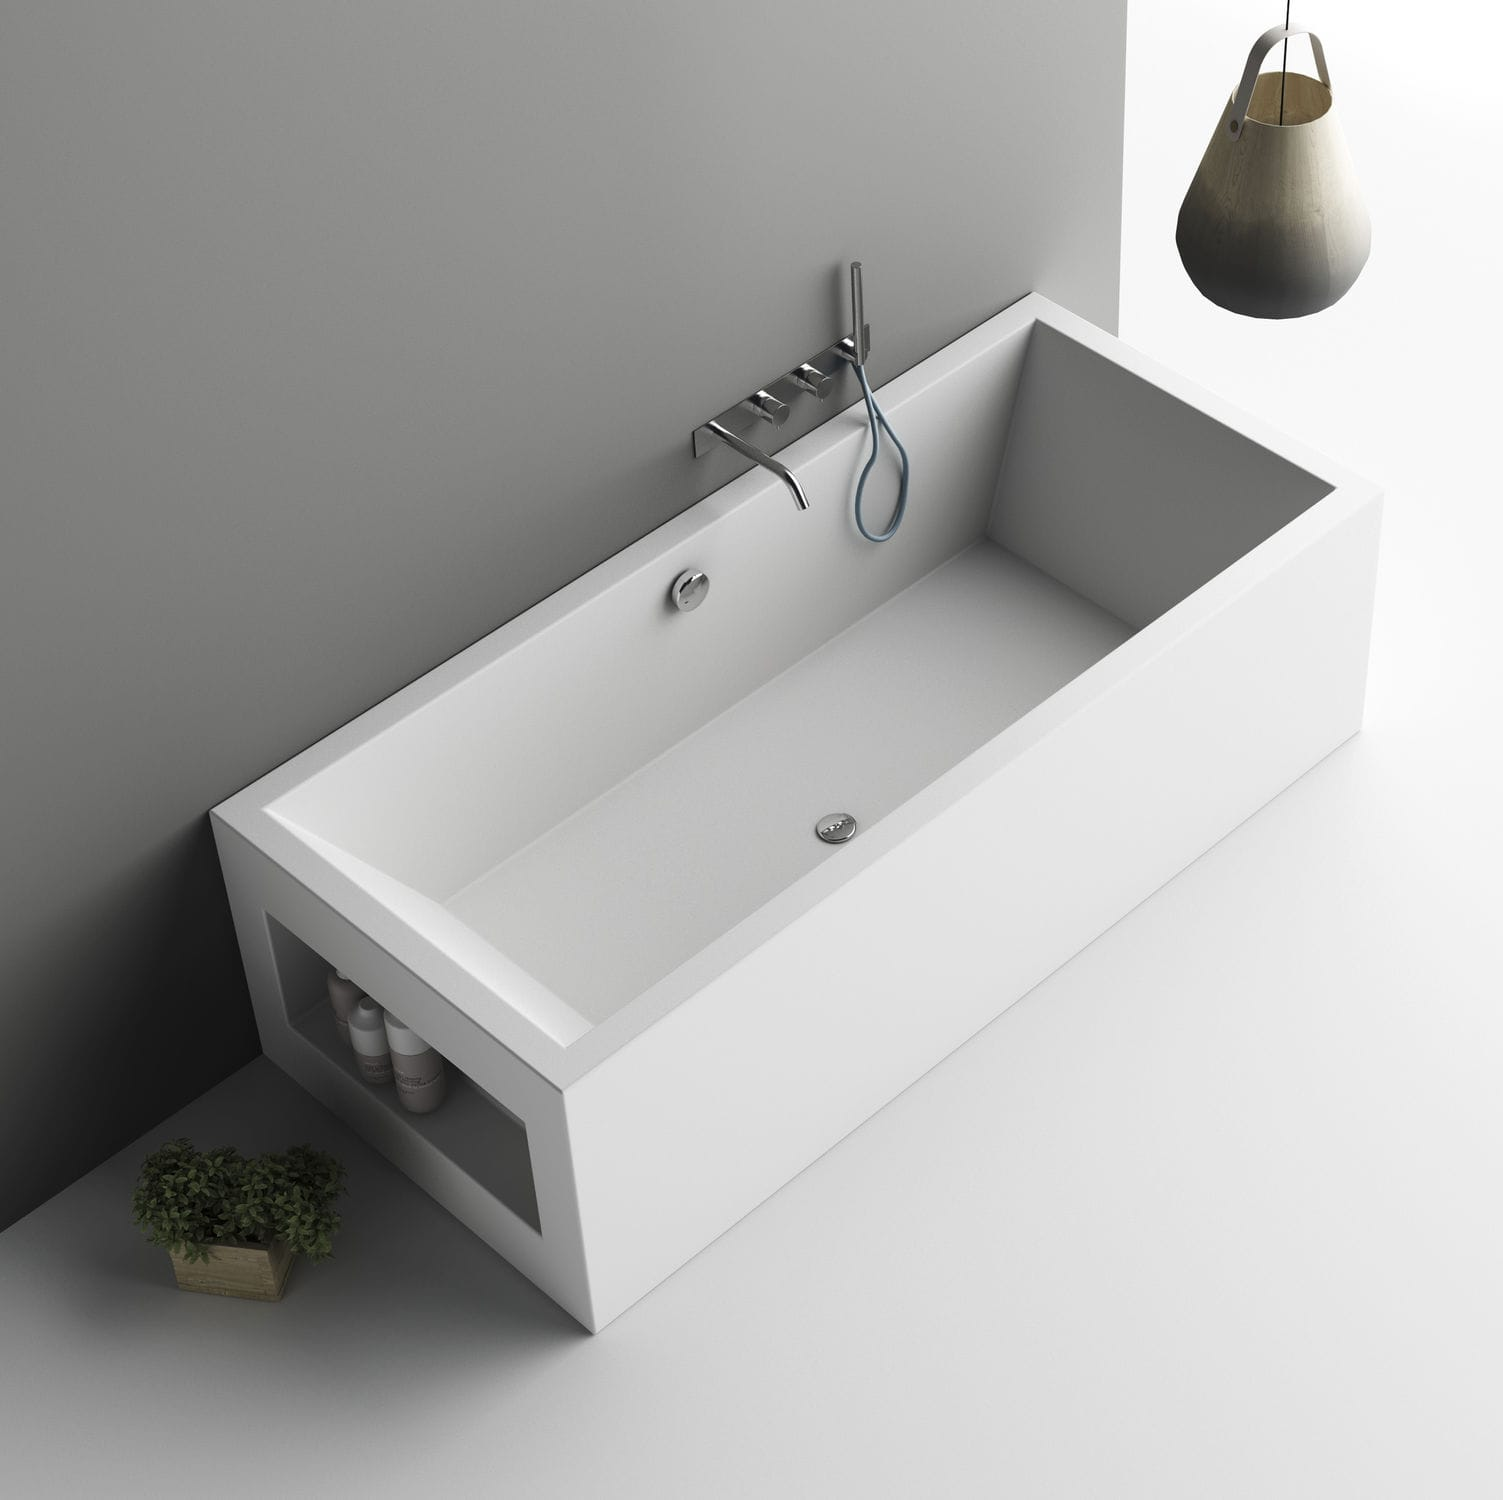 685785f88e23 Vasca da bagno da appoggio / in Corian® - AQUARIUS - PLANIT - Video